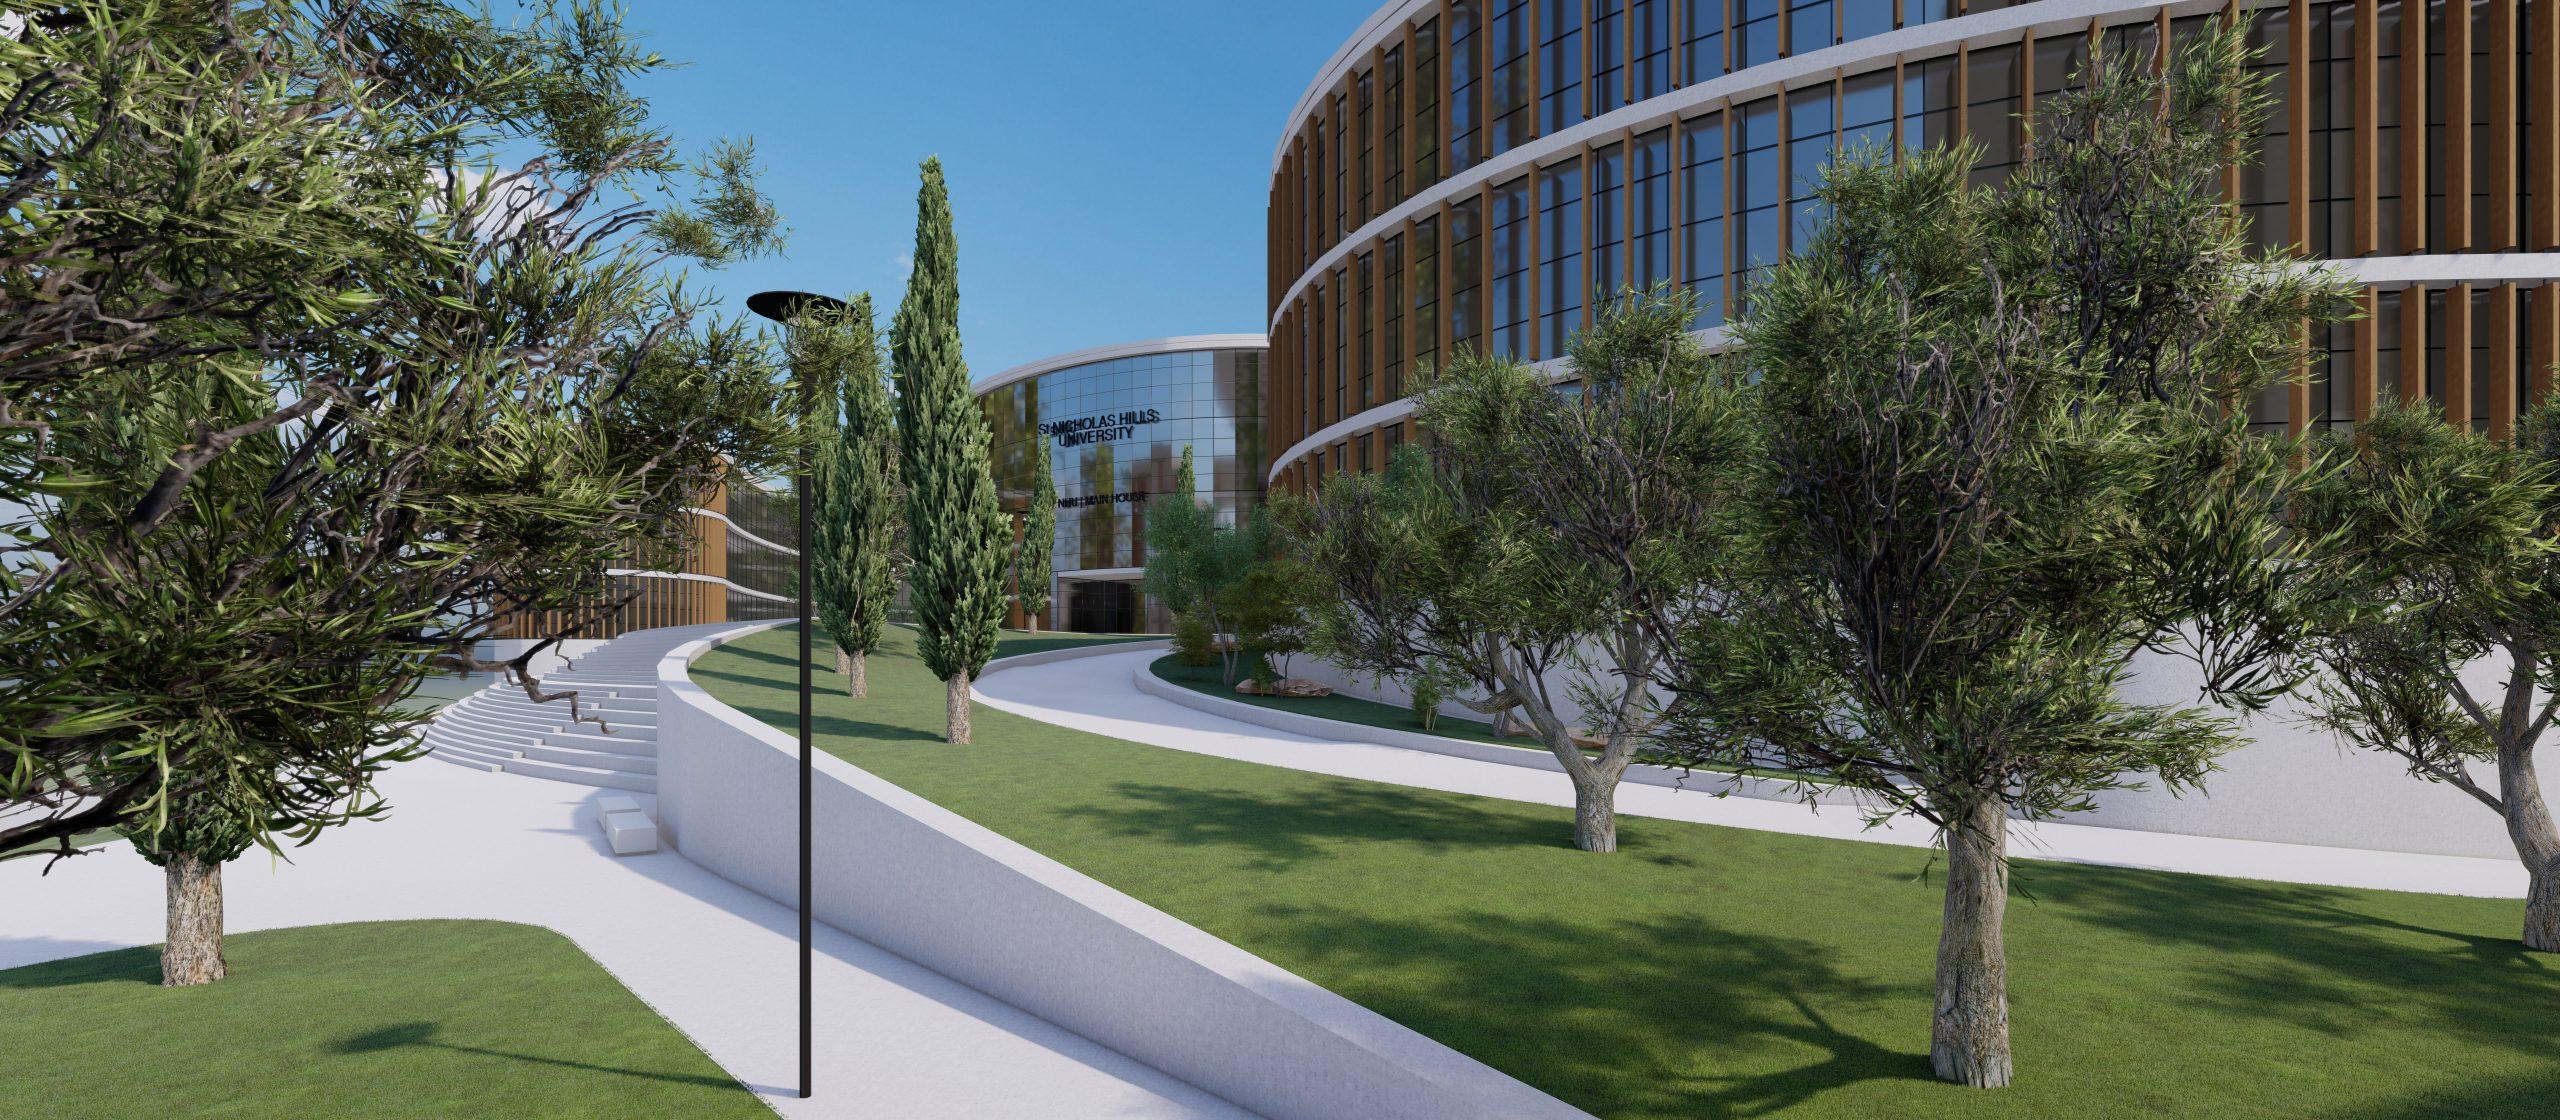 St Nicholas Hills – новый инновационный проект в Лимассоле